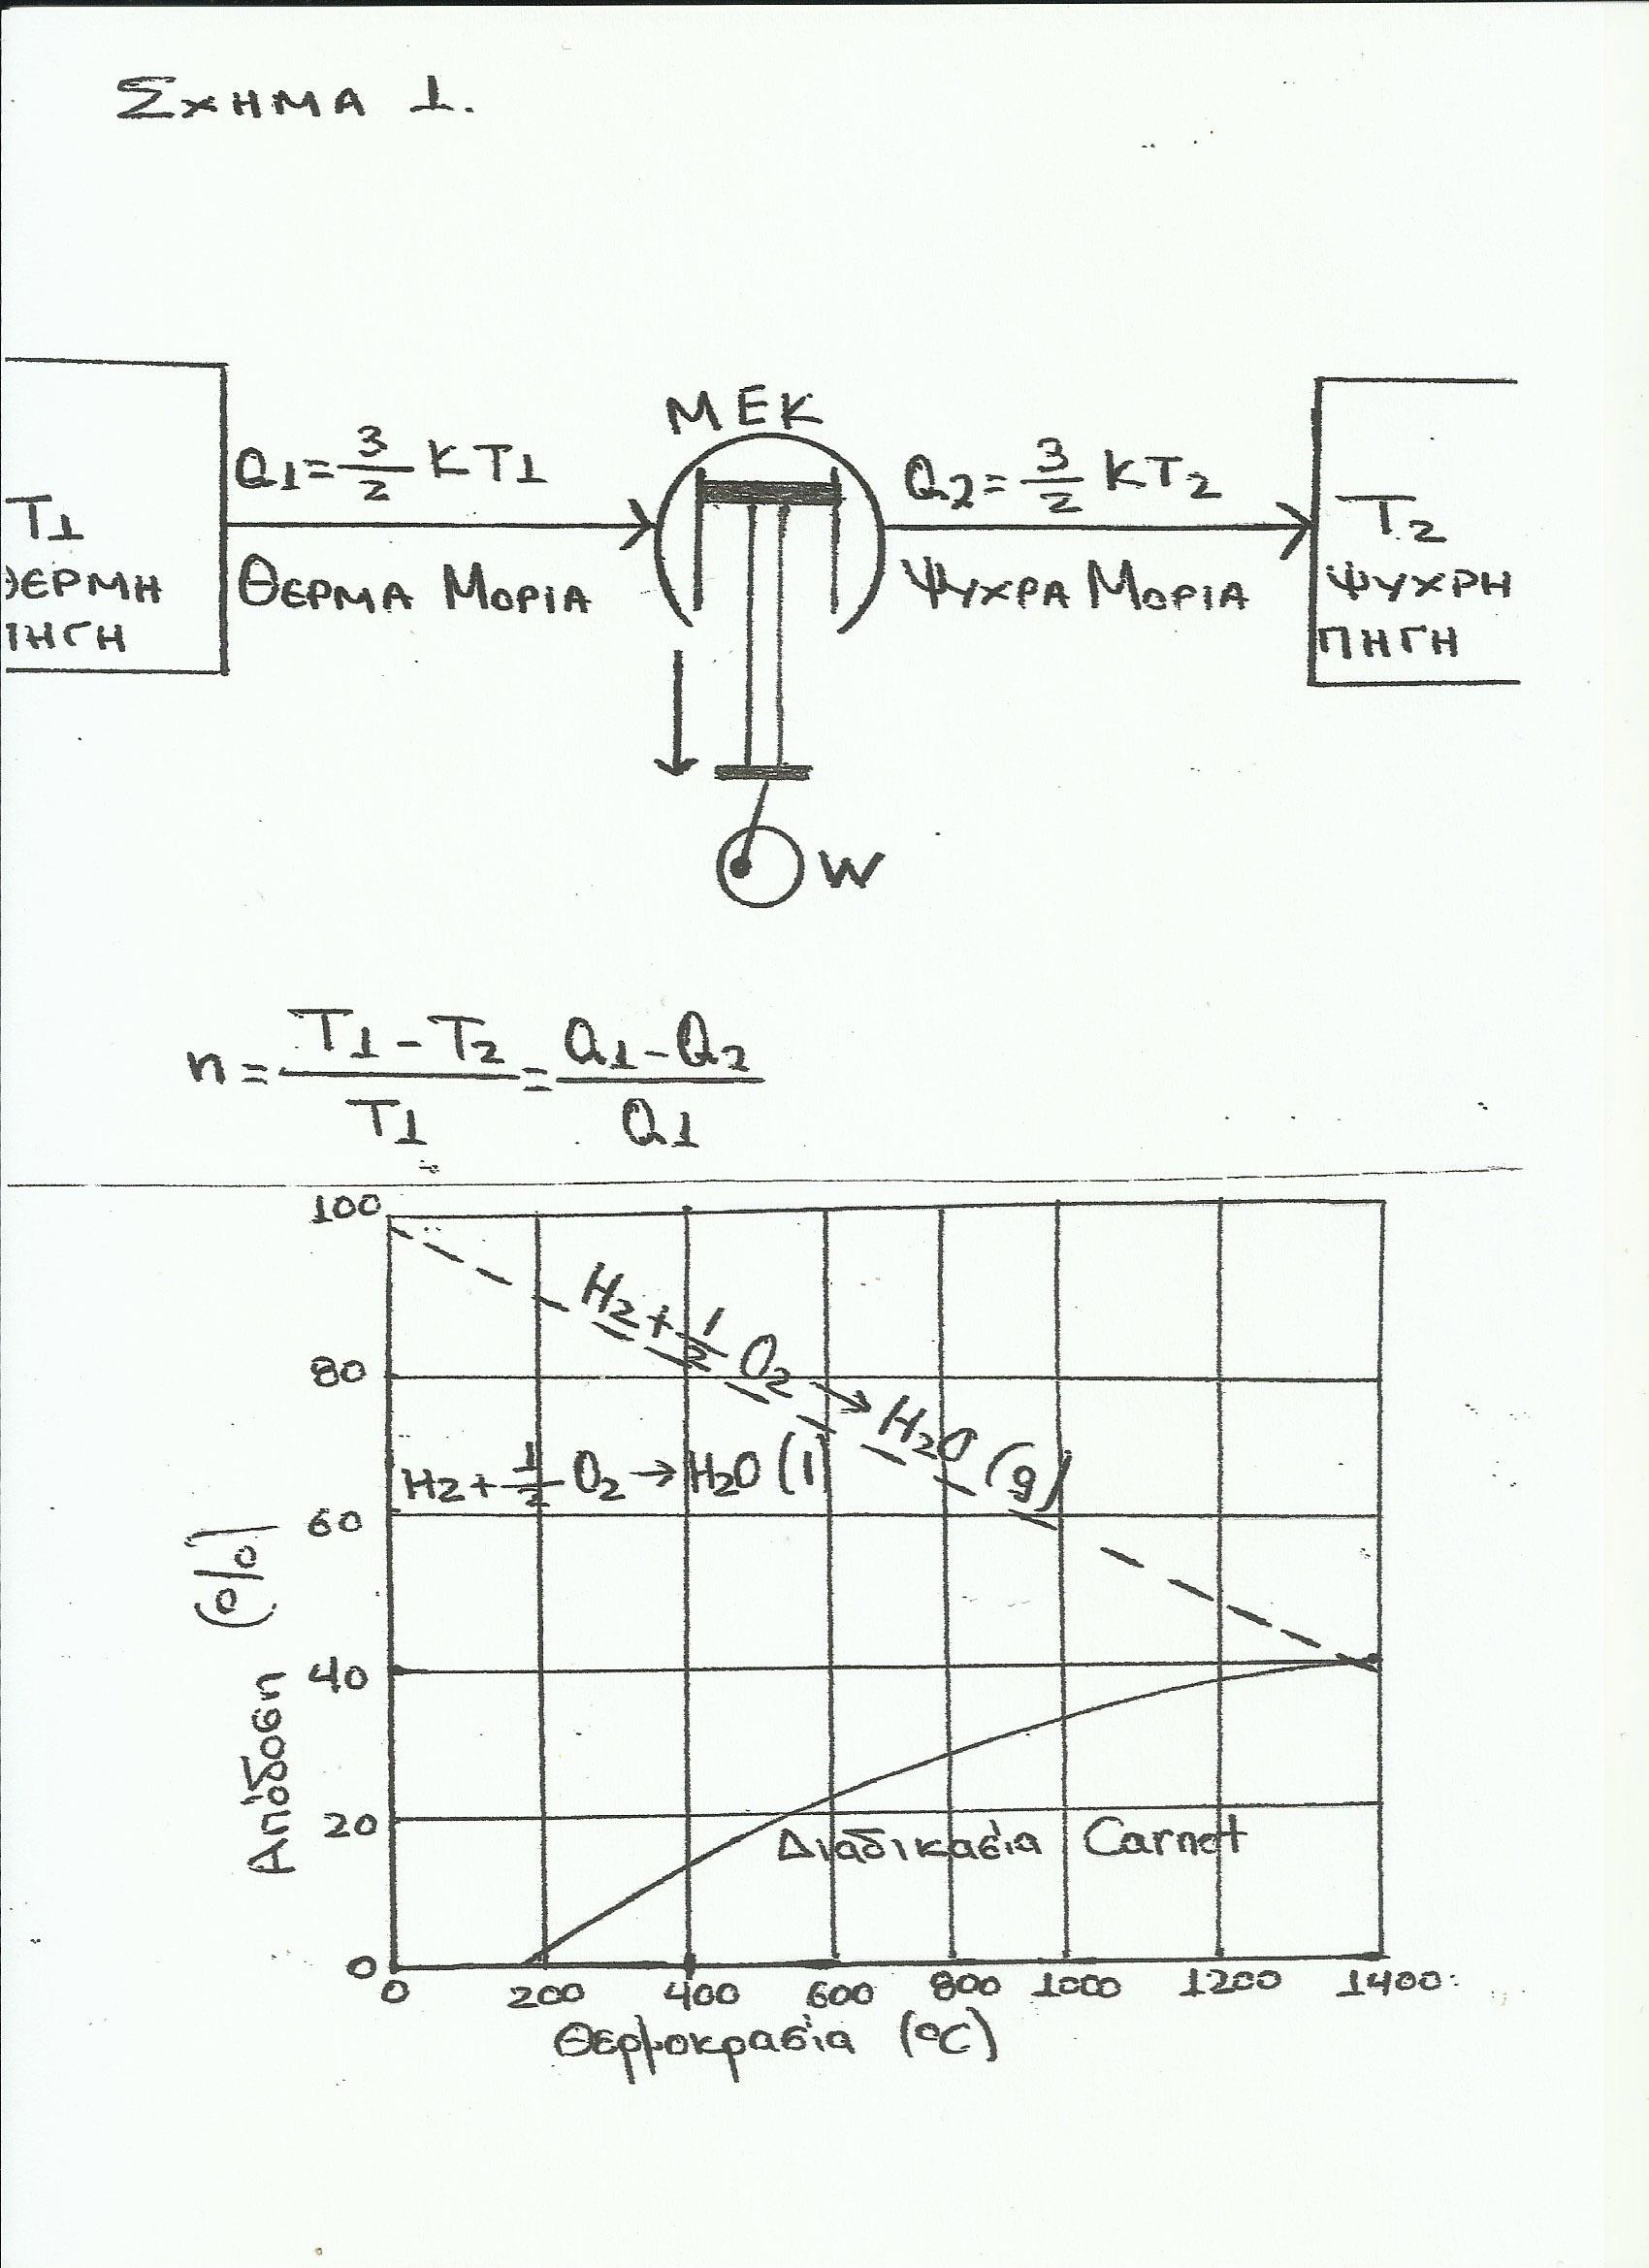 Η παράκαμψη της περιοριστικής διάταξης Carnot του 2ου νόμου της θερμοδυναμικής 3